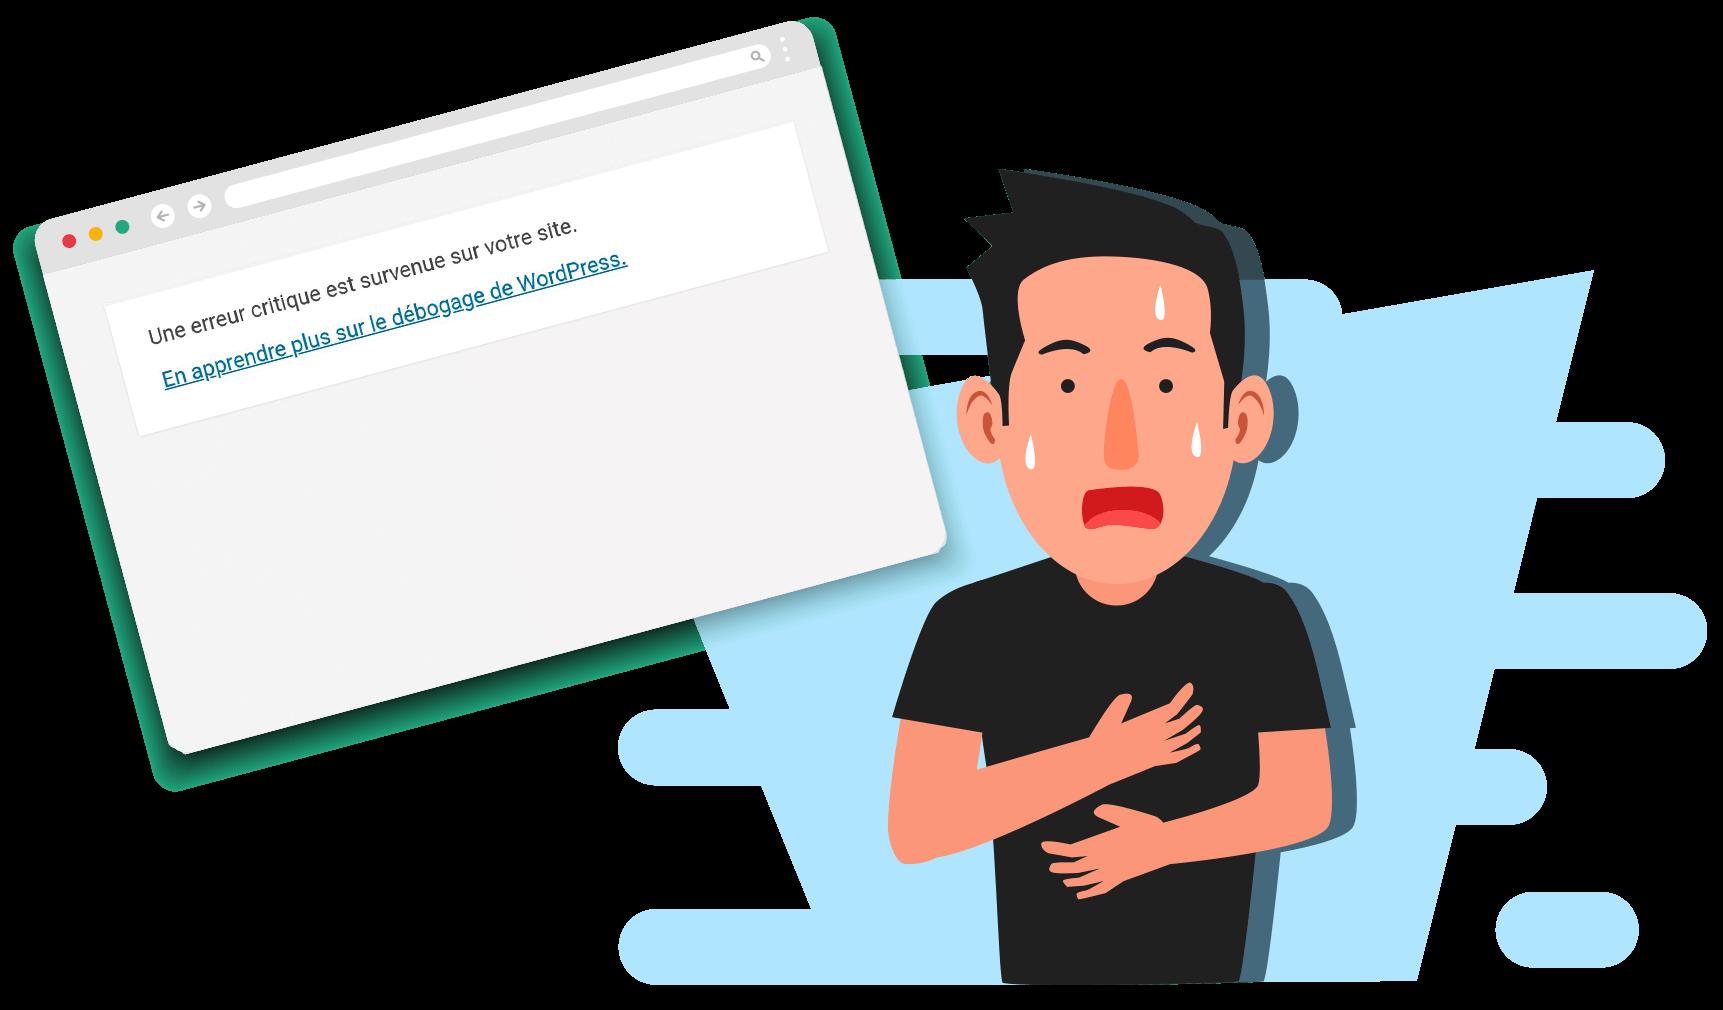 Une erreur critique est survenue sur votre site WordPress